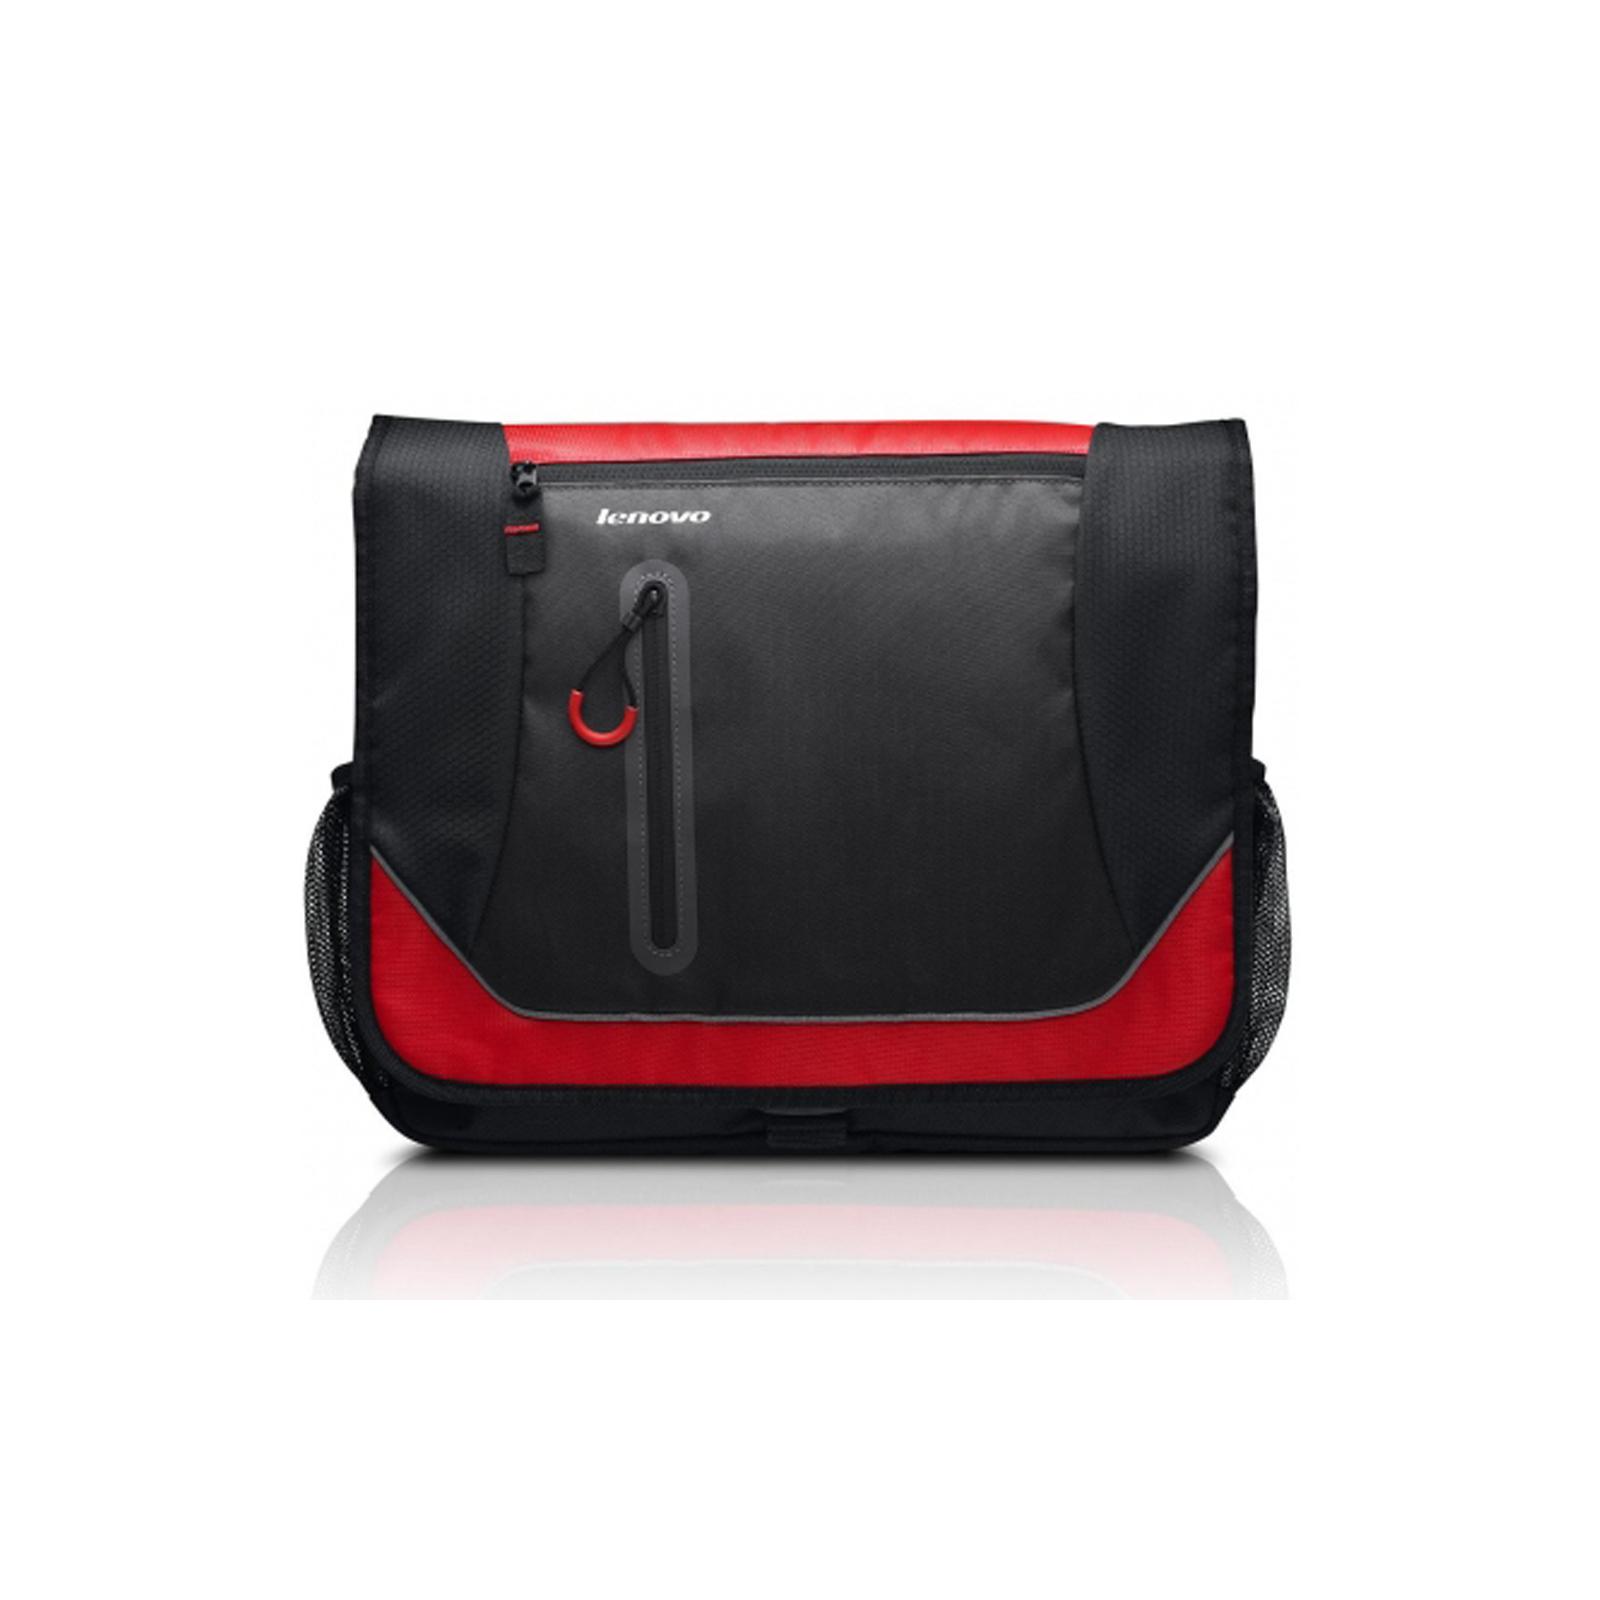 Сумка для ноутбука Lenovo 15.6 Sport Messenger Red (0A33898)